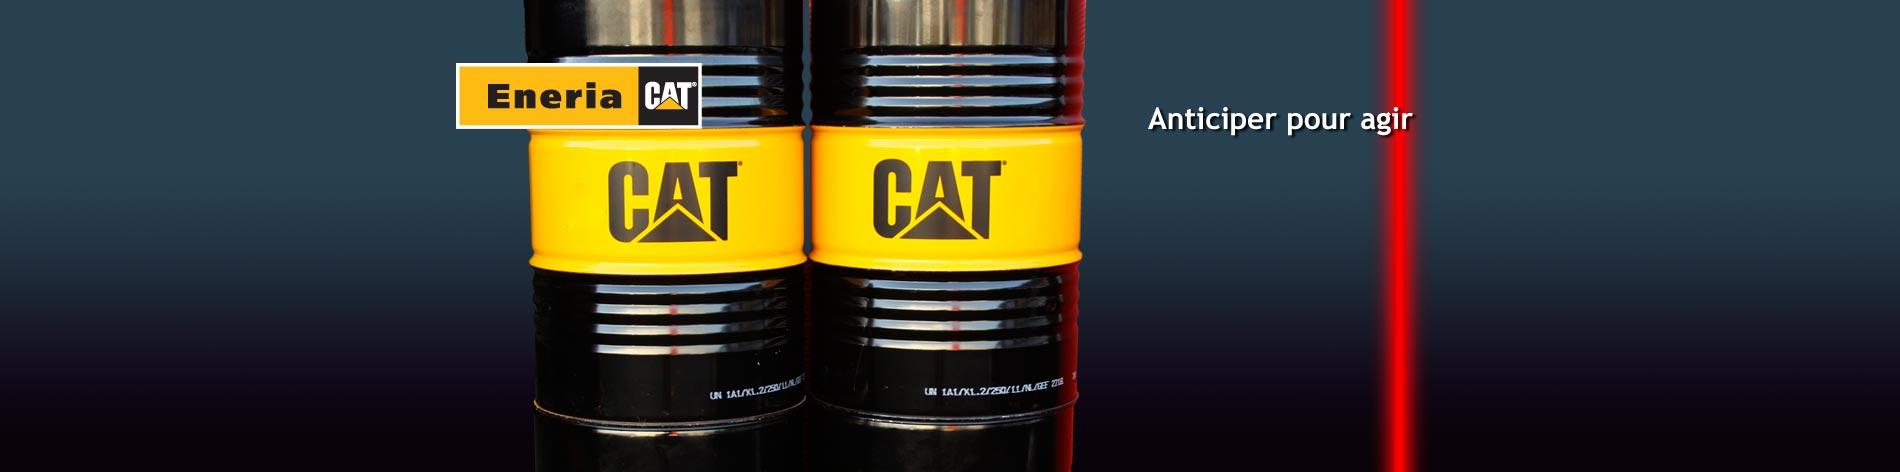 Grâce à notre programme d'analyse d'huile, nous vous aidons à analyser, anticiper et prendre les bonnes décisions de maintenance.